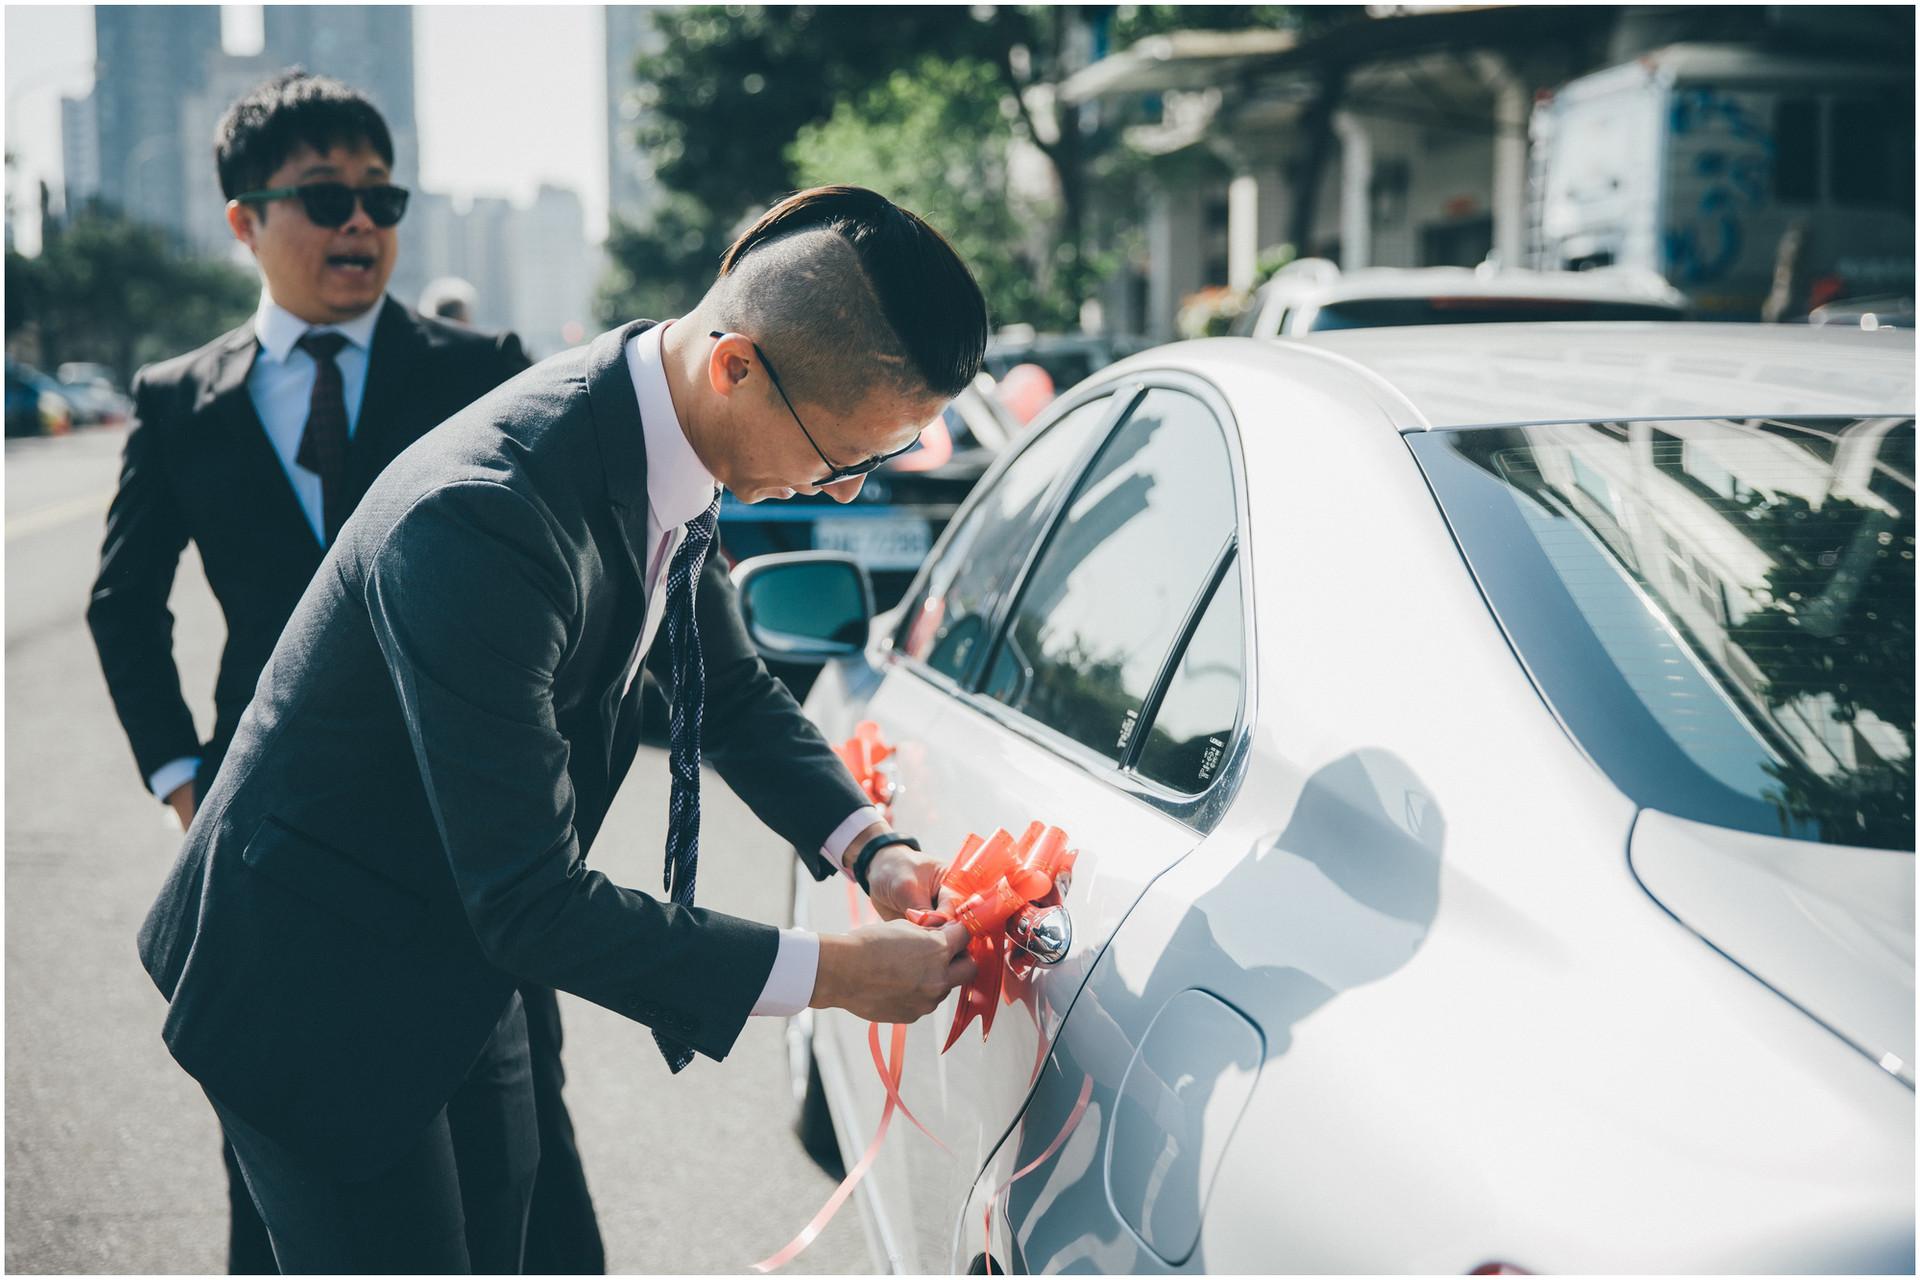 婚禮紀錄 / 平面攝影 / 訂婚 / 結婚 / 類婚紗 / 脫拉庫婚禮 / 雅園新潮